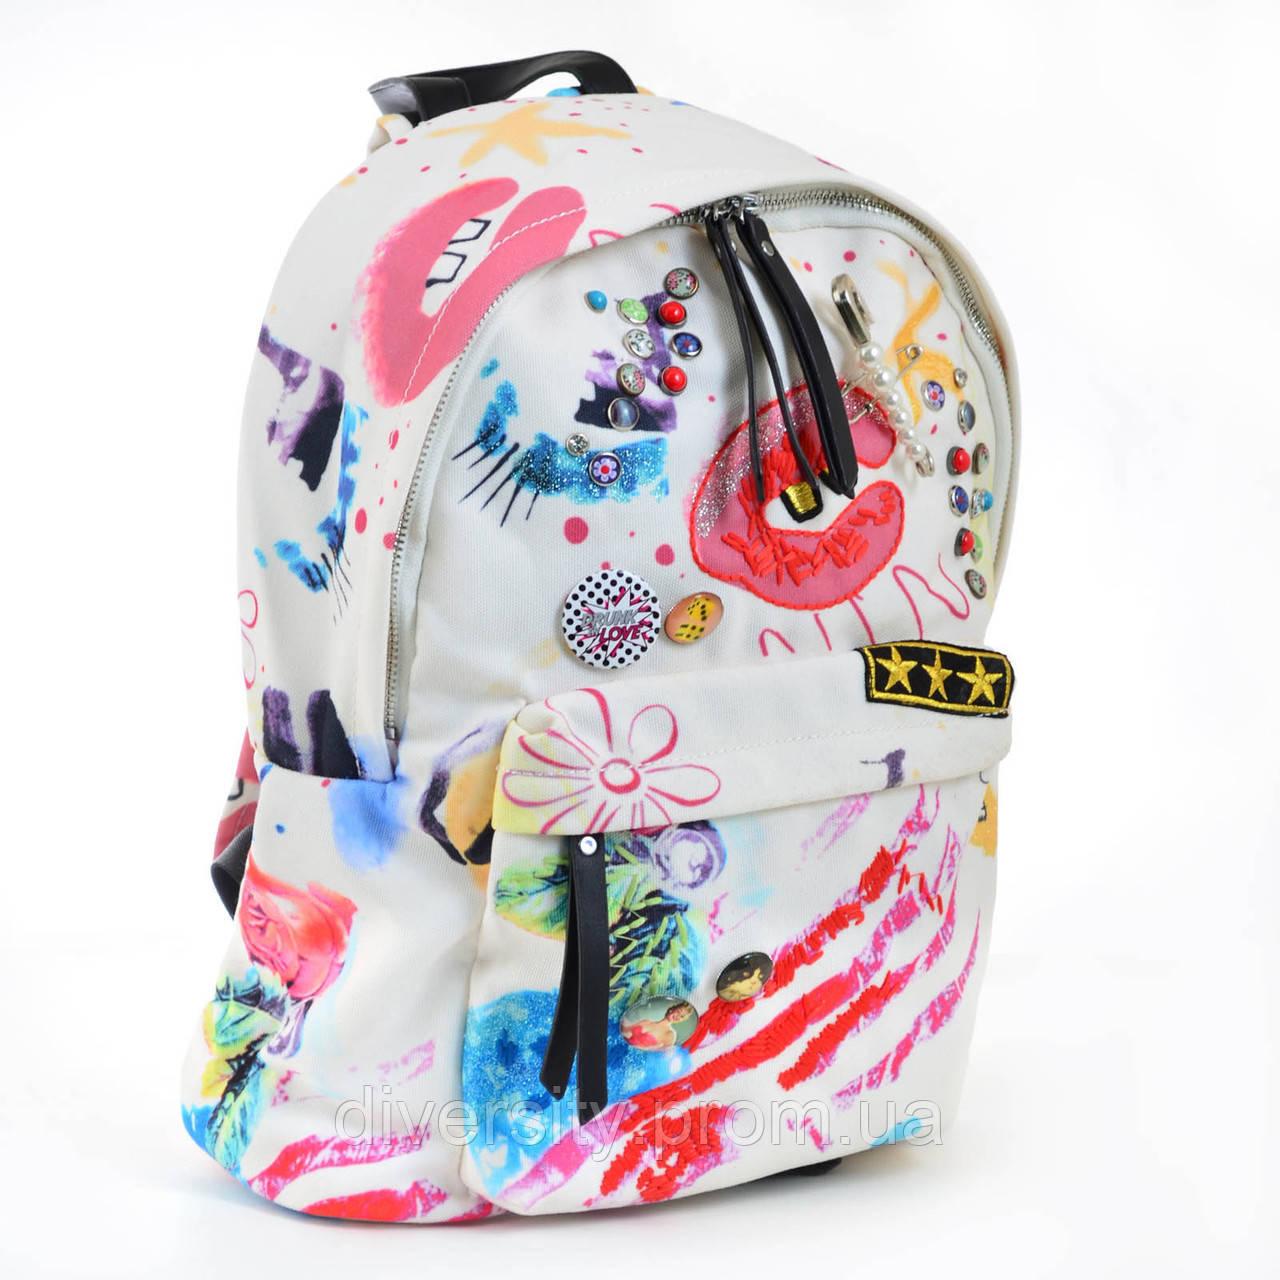 Сумка-рюкзак YES, белый